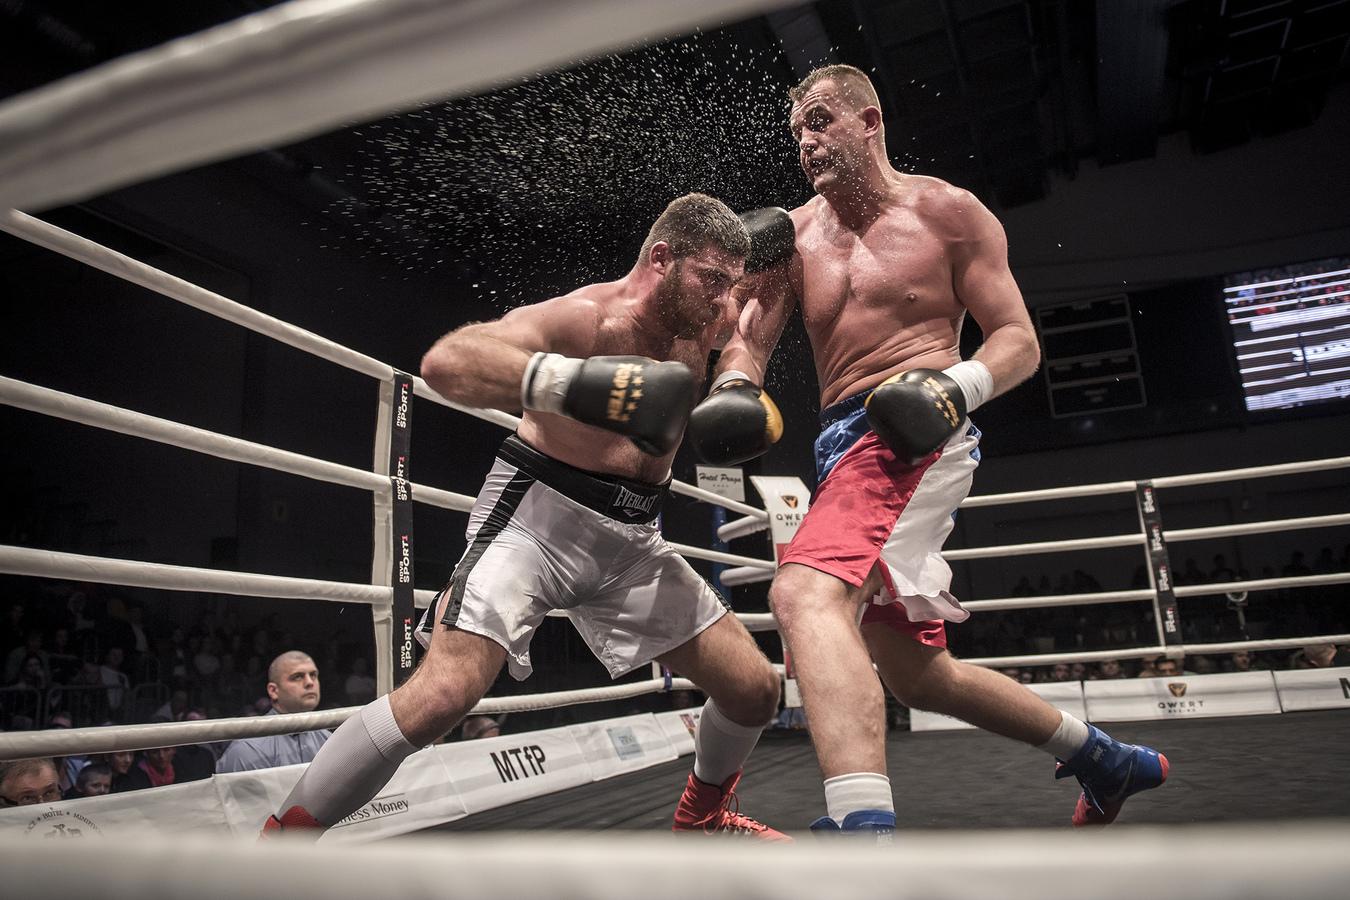 Pavel Šour vyhrává, Ante Verunica je ten, který si říká: Když nemůžeš, přidej!